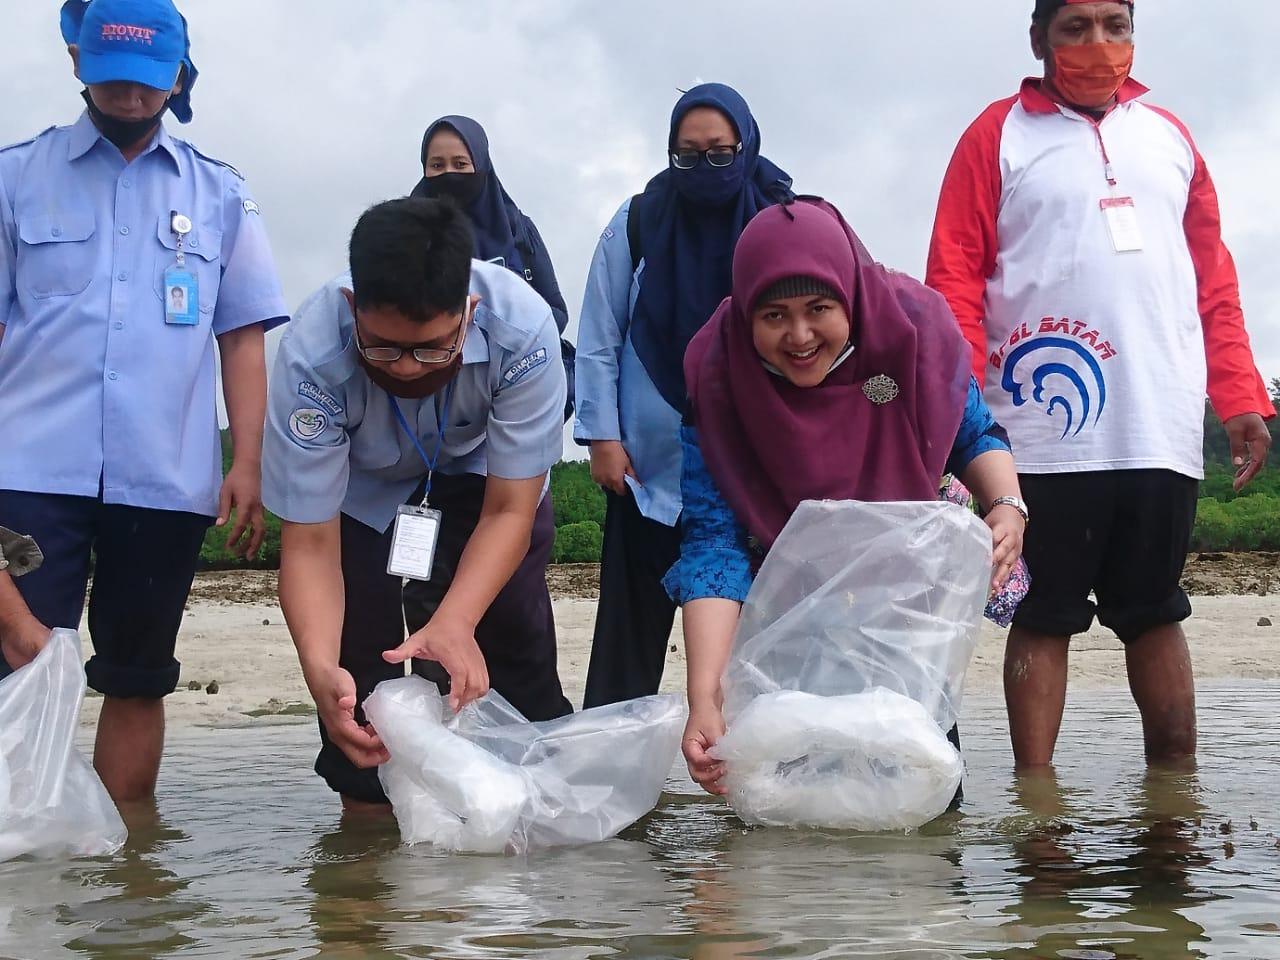 Restocking Benih Ikan Hias Jenis Nemo sebanyak 4000 ekor diperairan pulau Abang Galang-Batam Kepri bersama Bp. Rahmat Ketua (LPSTK) Kota Batam-Kepri, 9/7/20 - Restocking